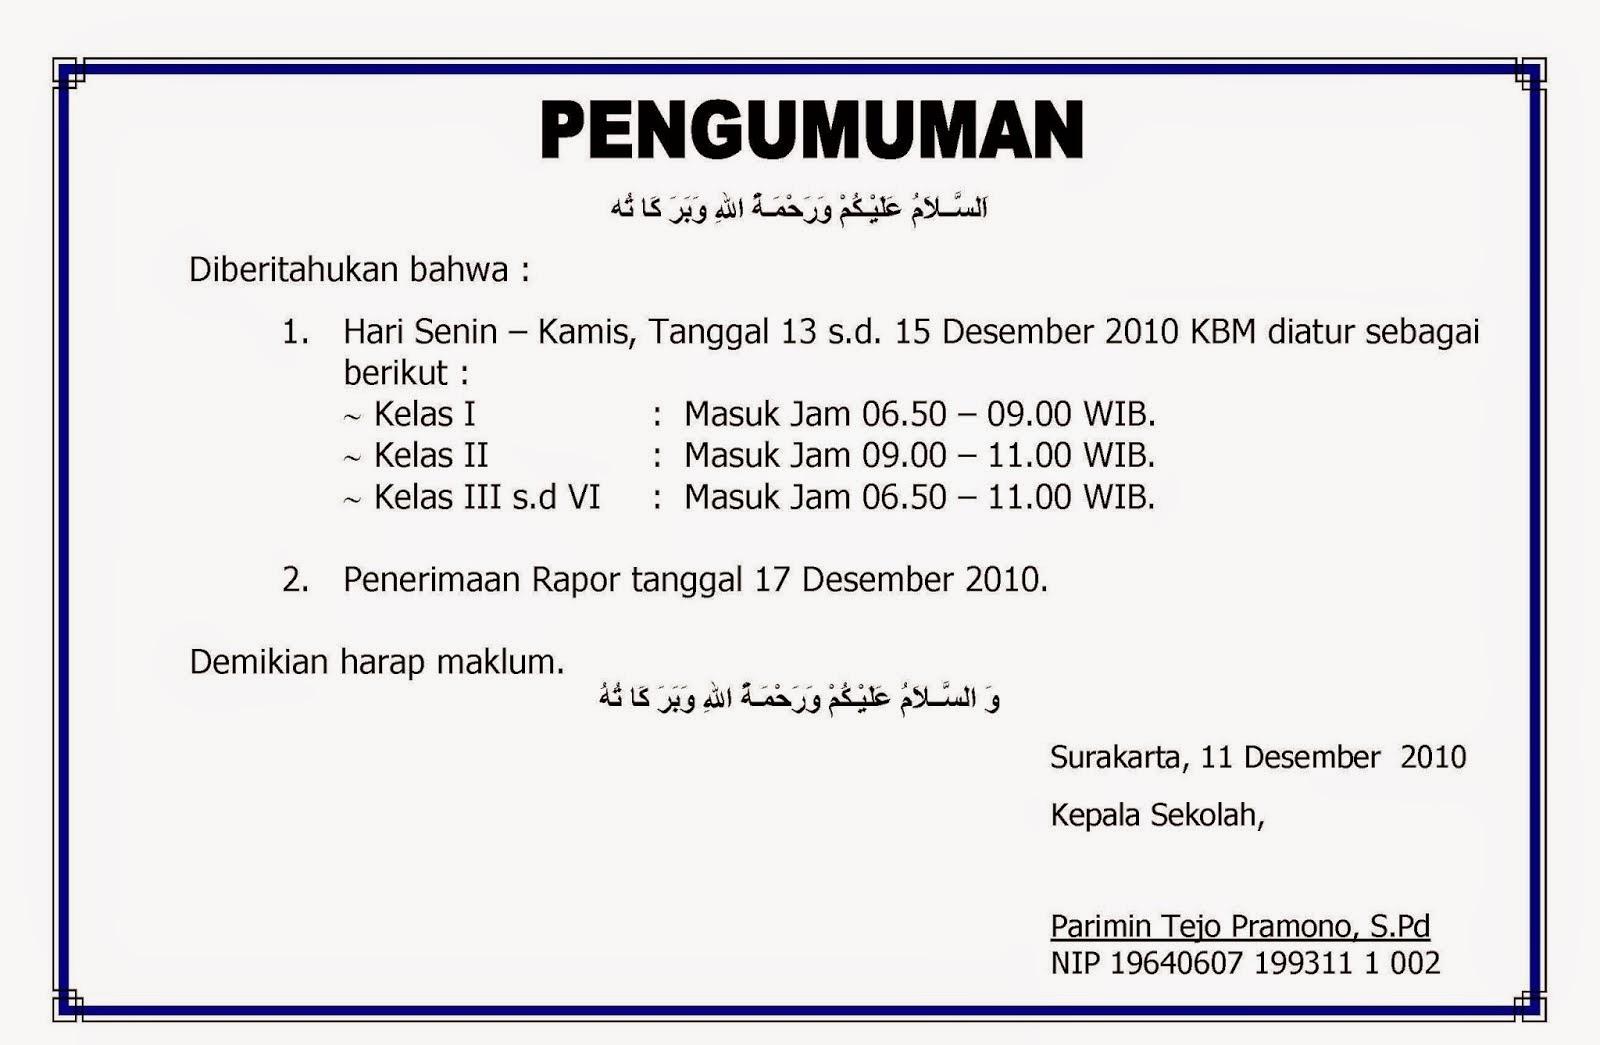 contoh pengumuman bahasa indonesia